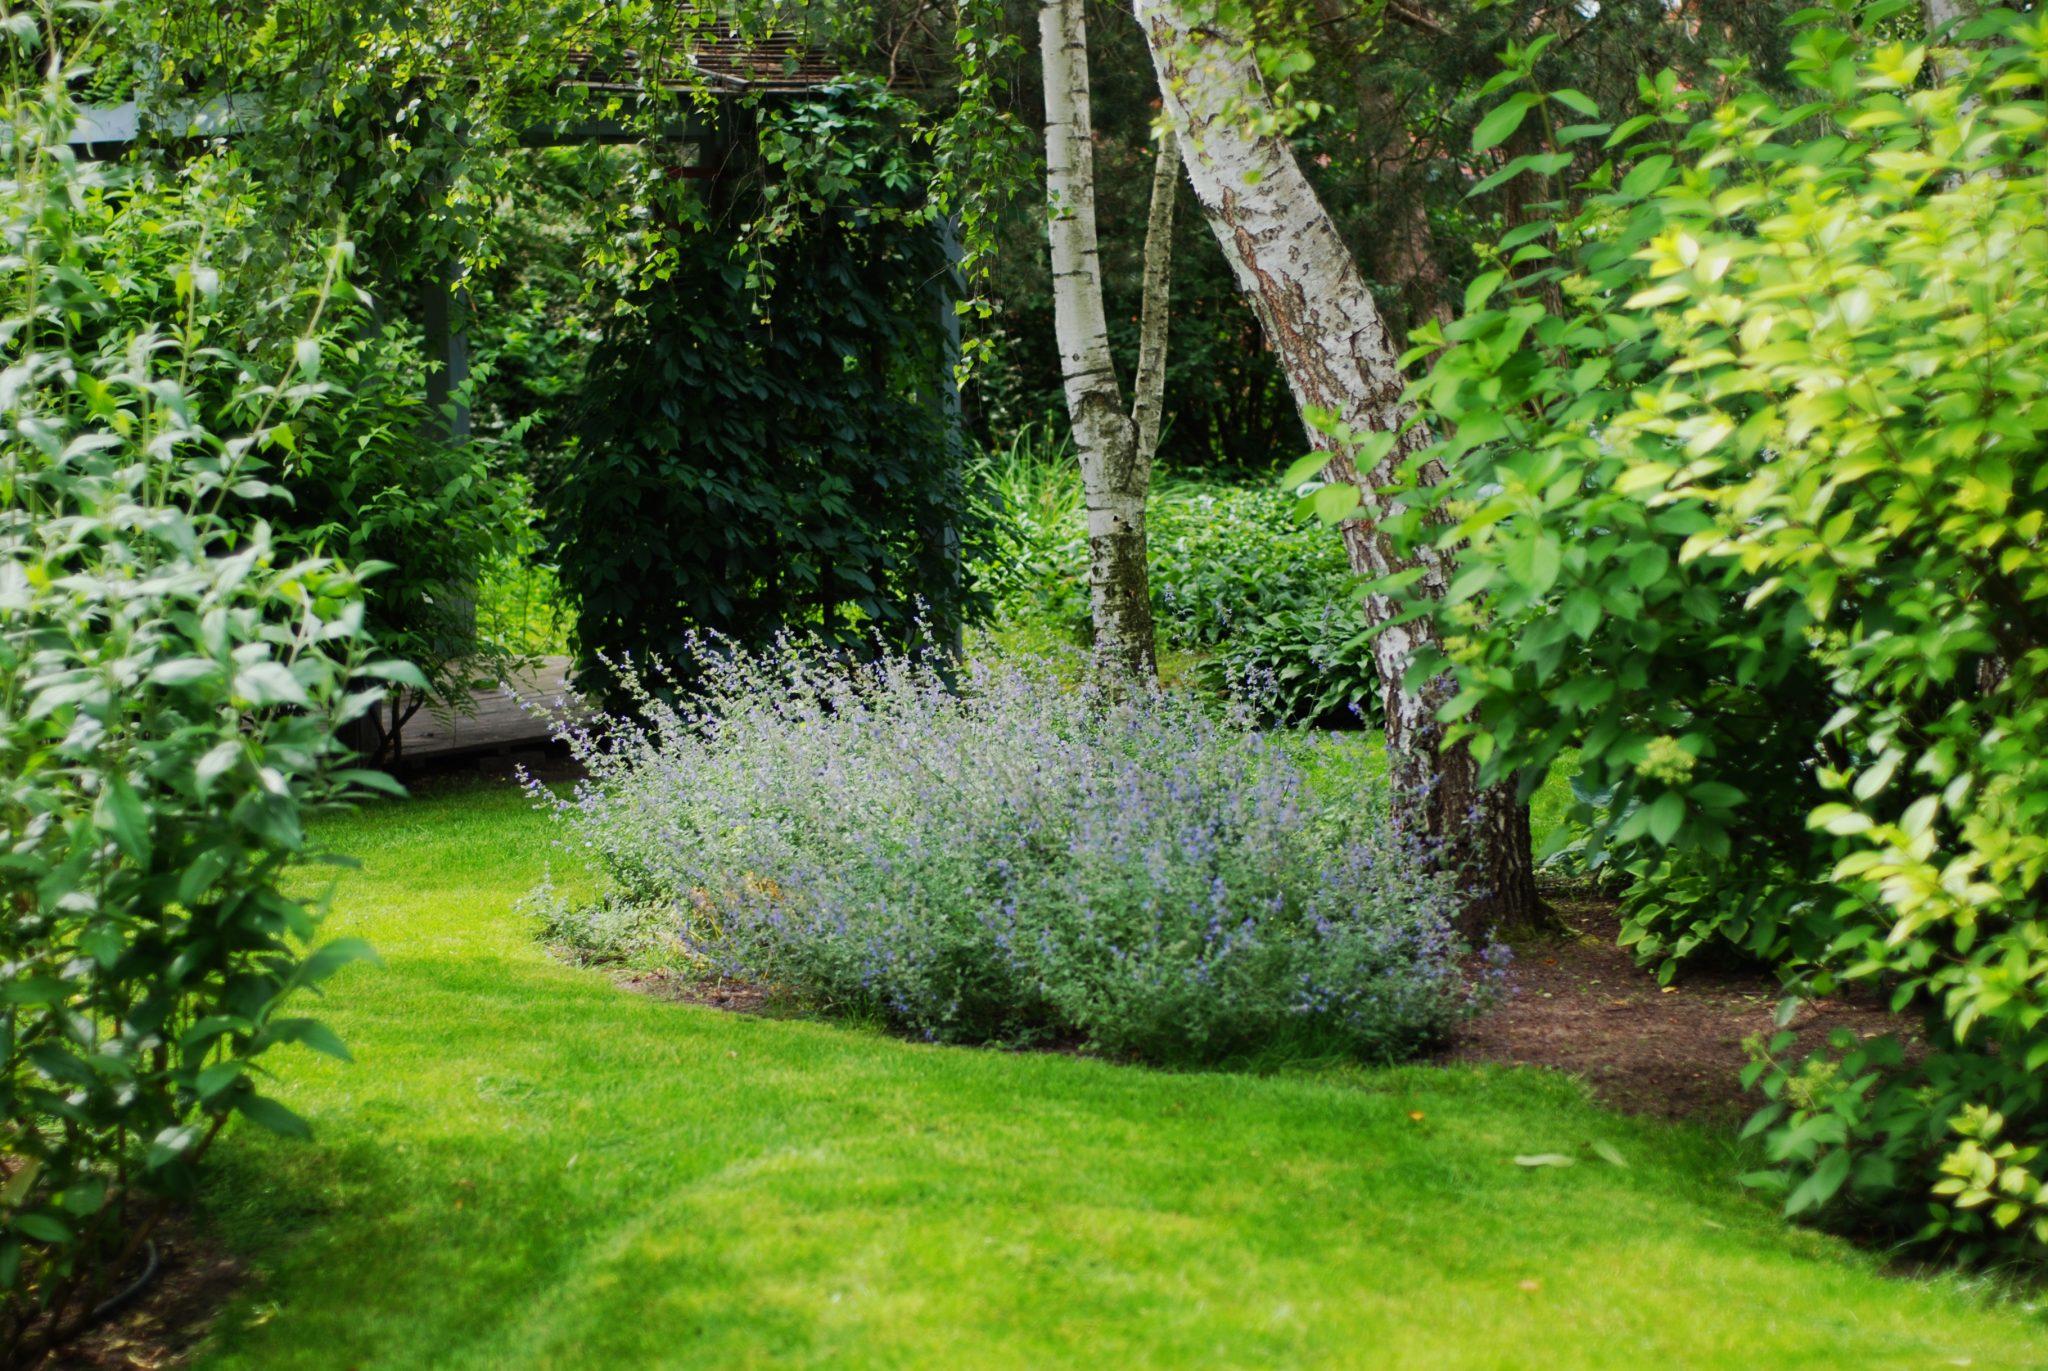 Dobry Ogród brzozy i kocimiętka